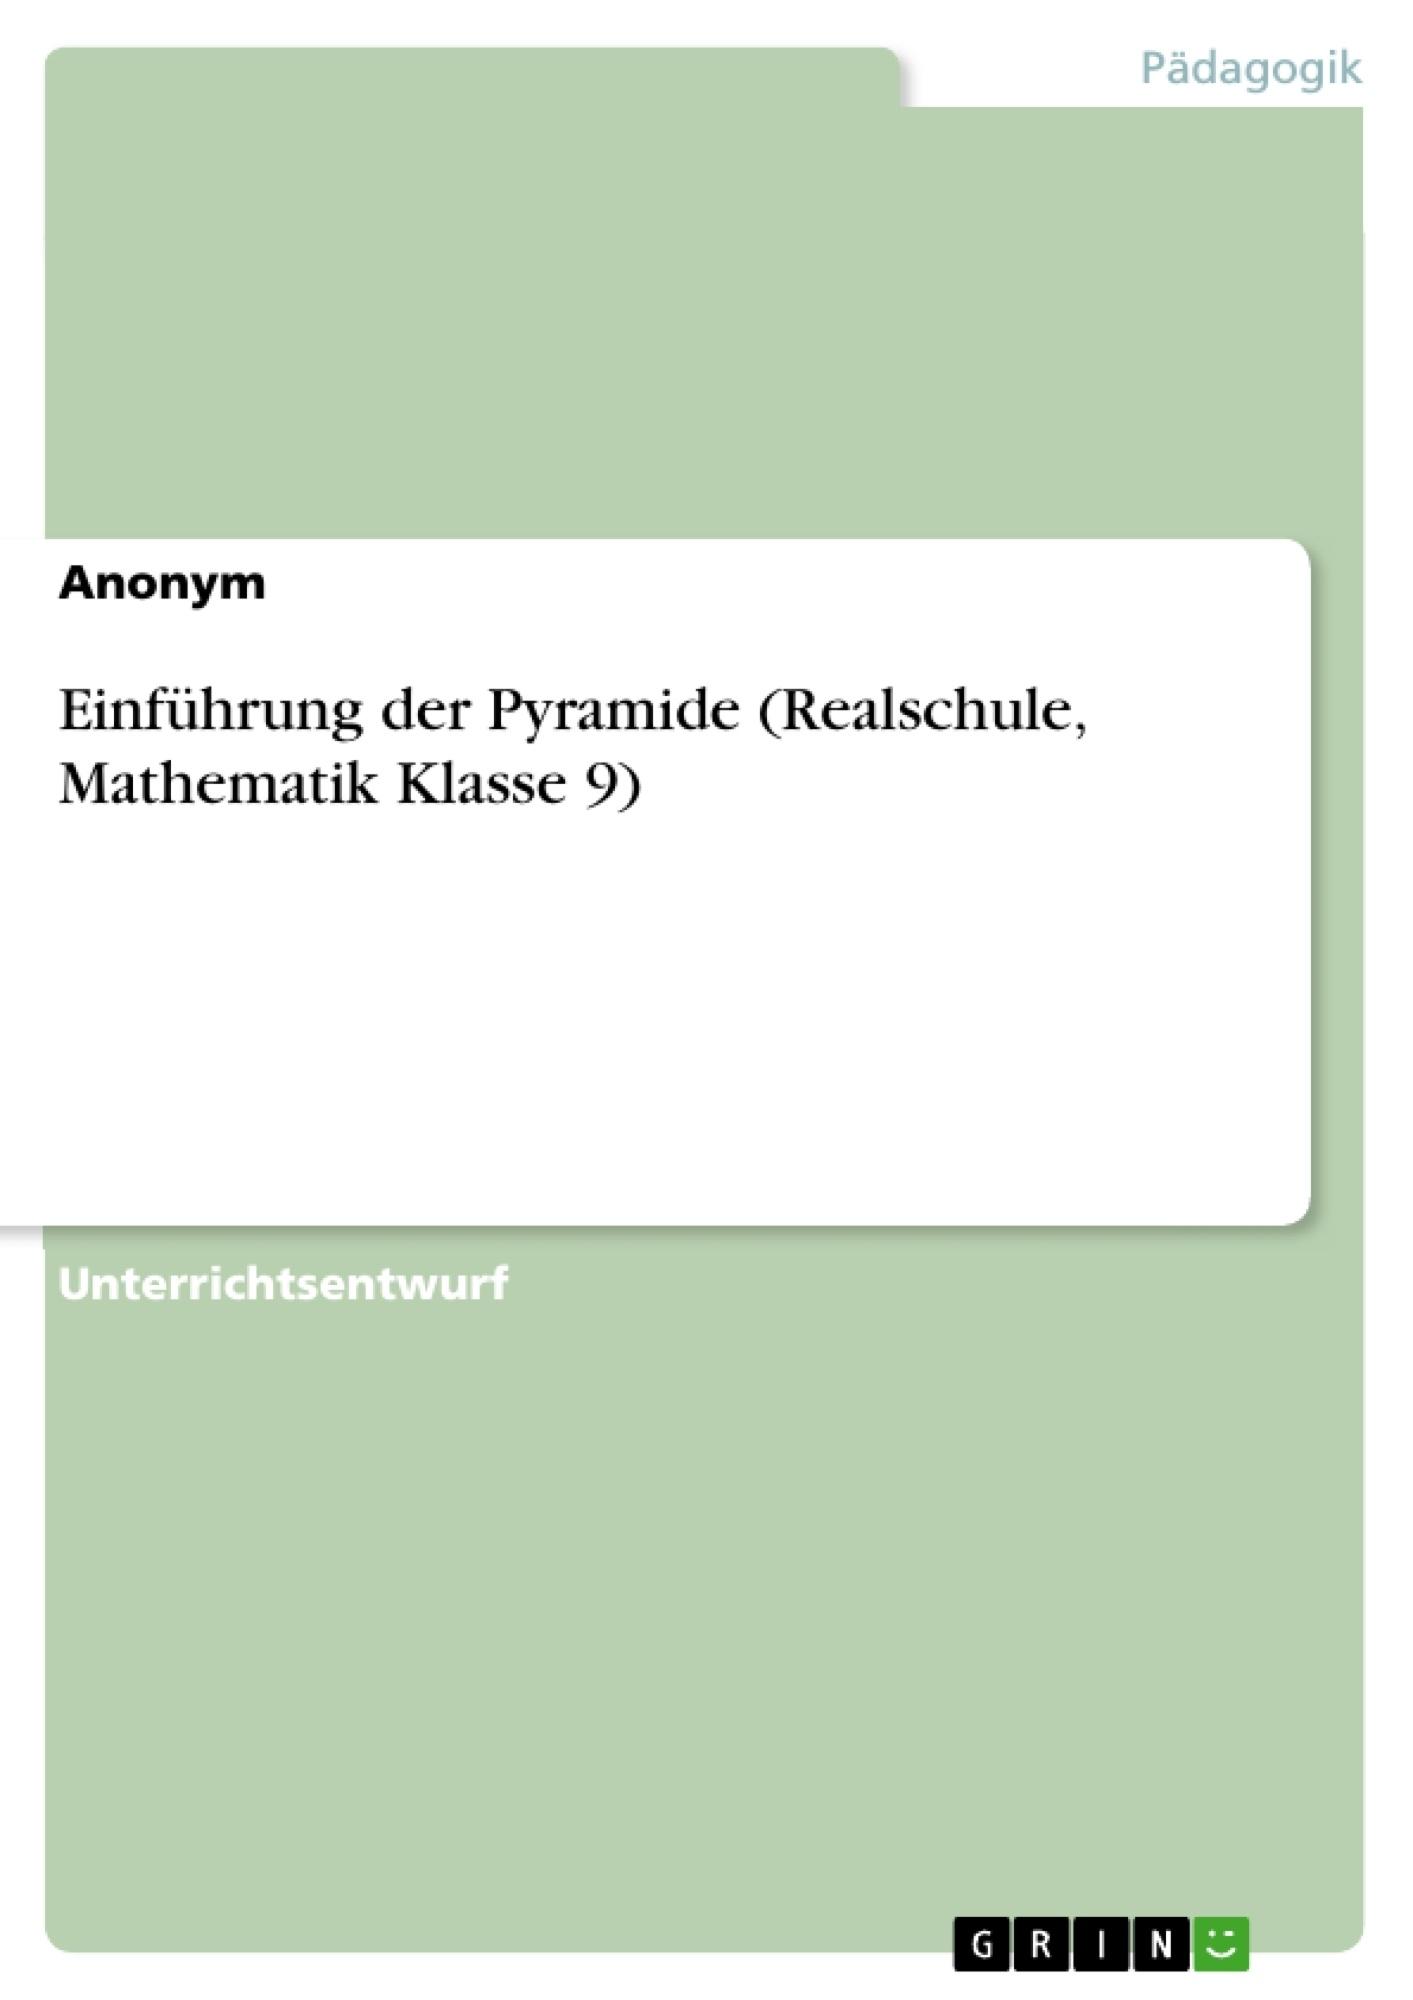 Titel: Einführung der Pyramide (Realschule, Mathematik Klasse 9)